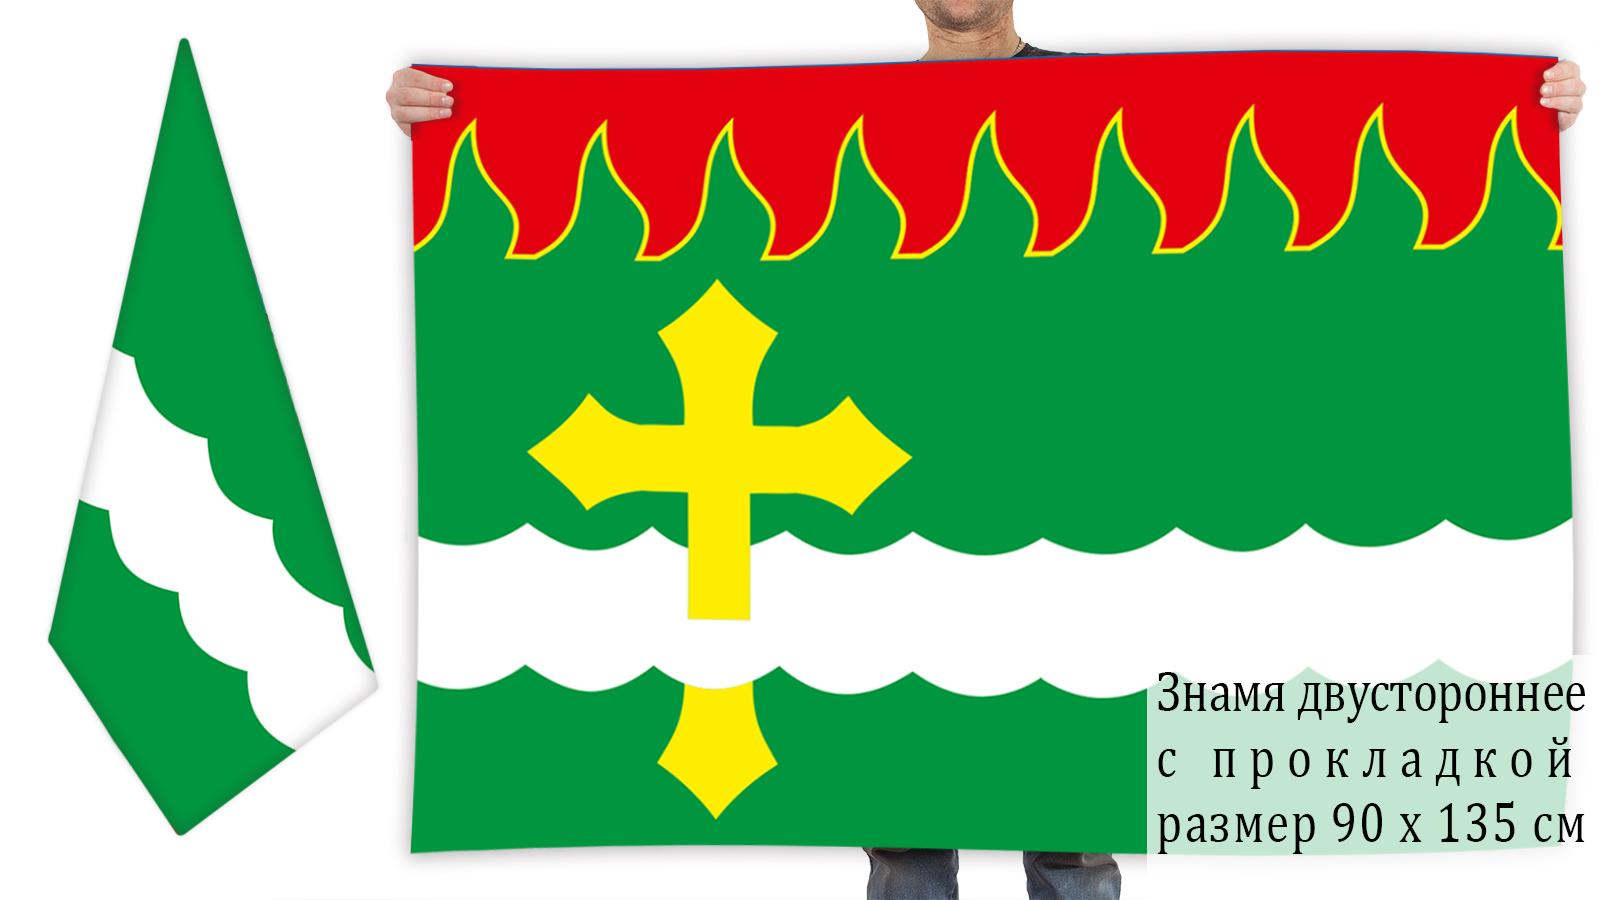 Двусторонний флаг Рошаля